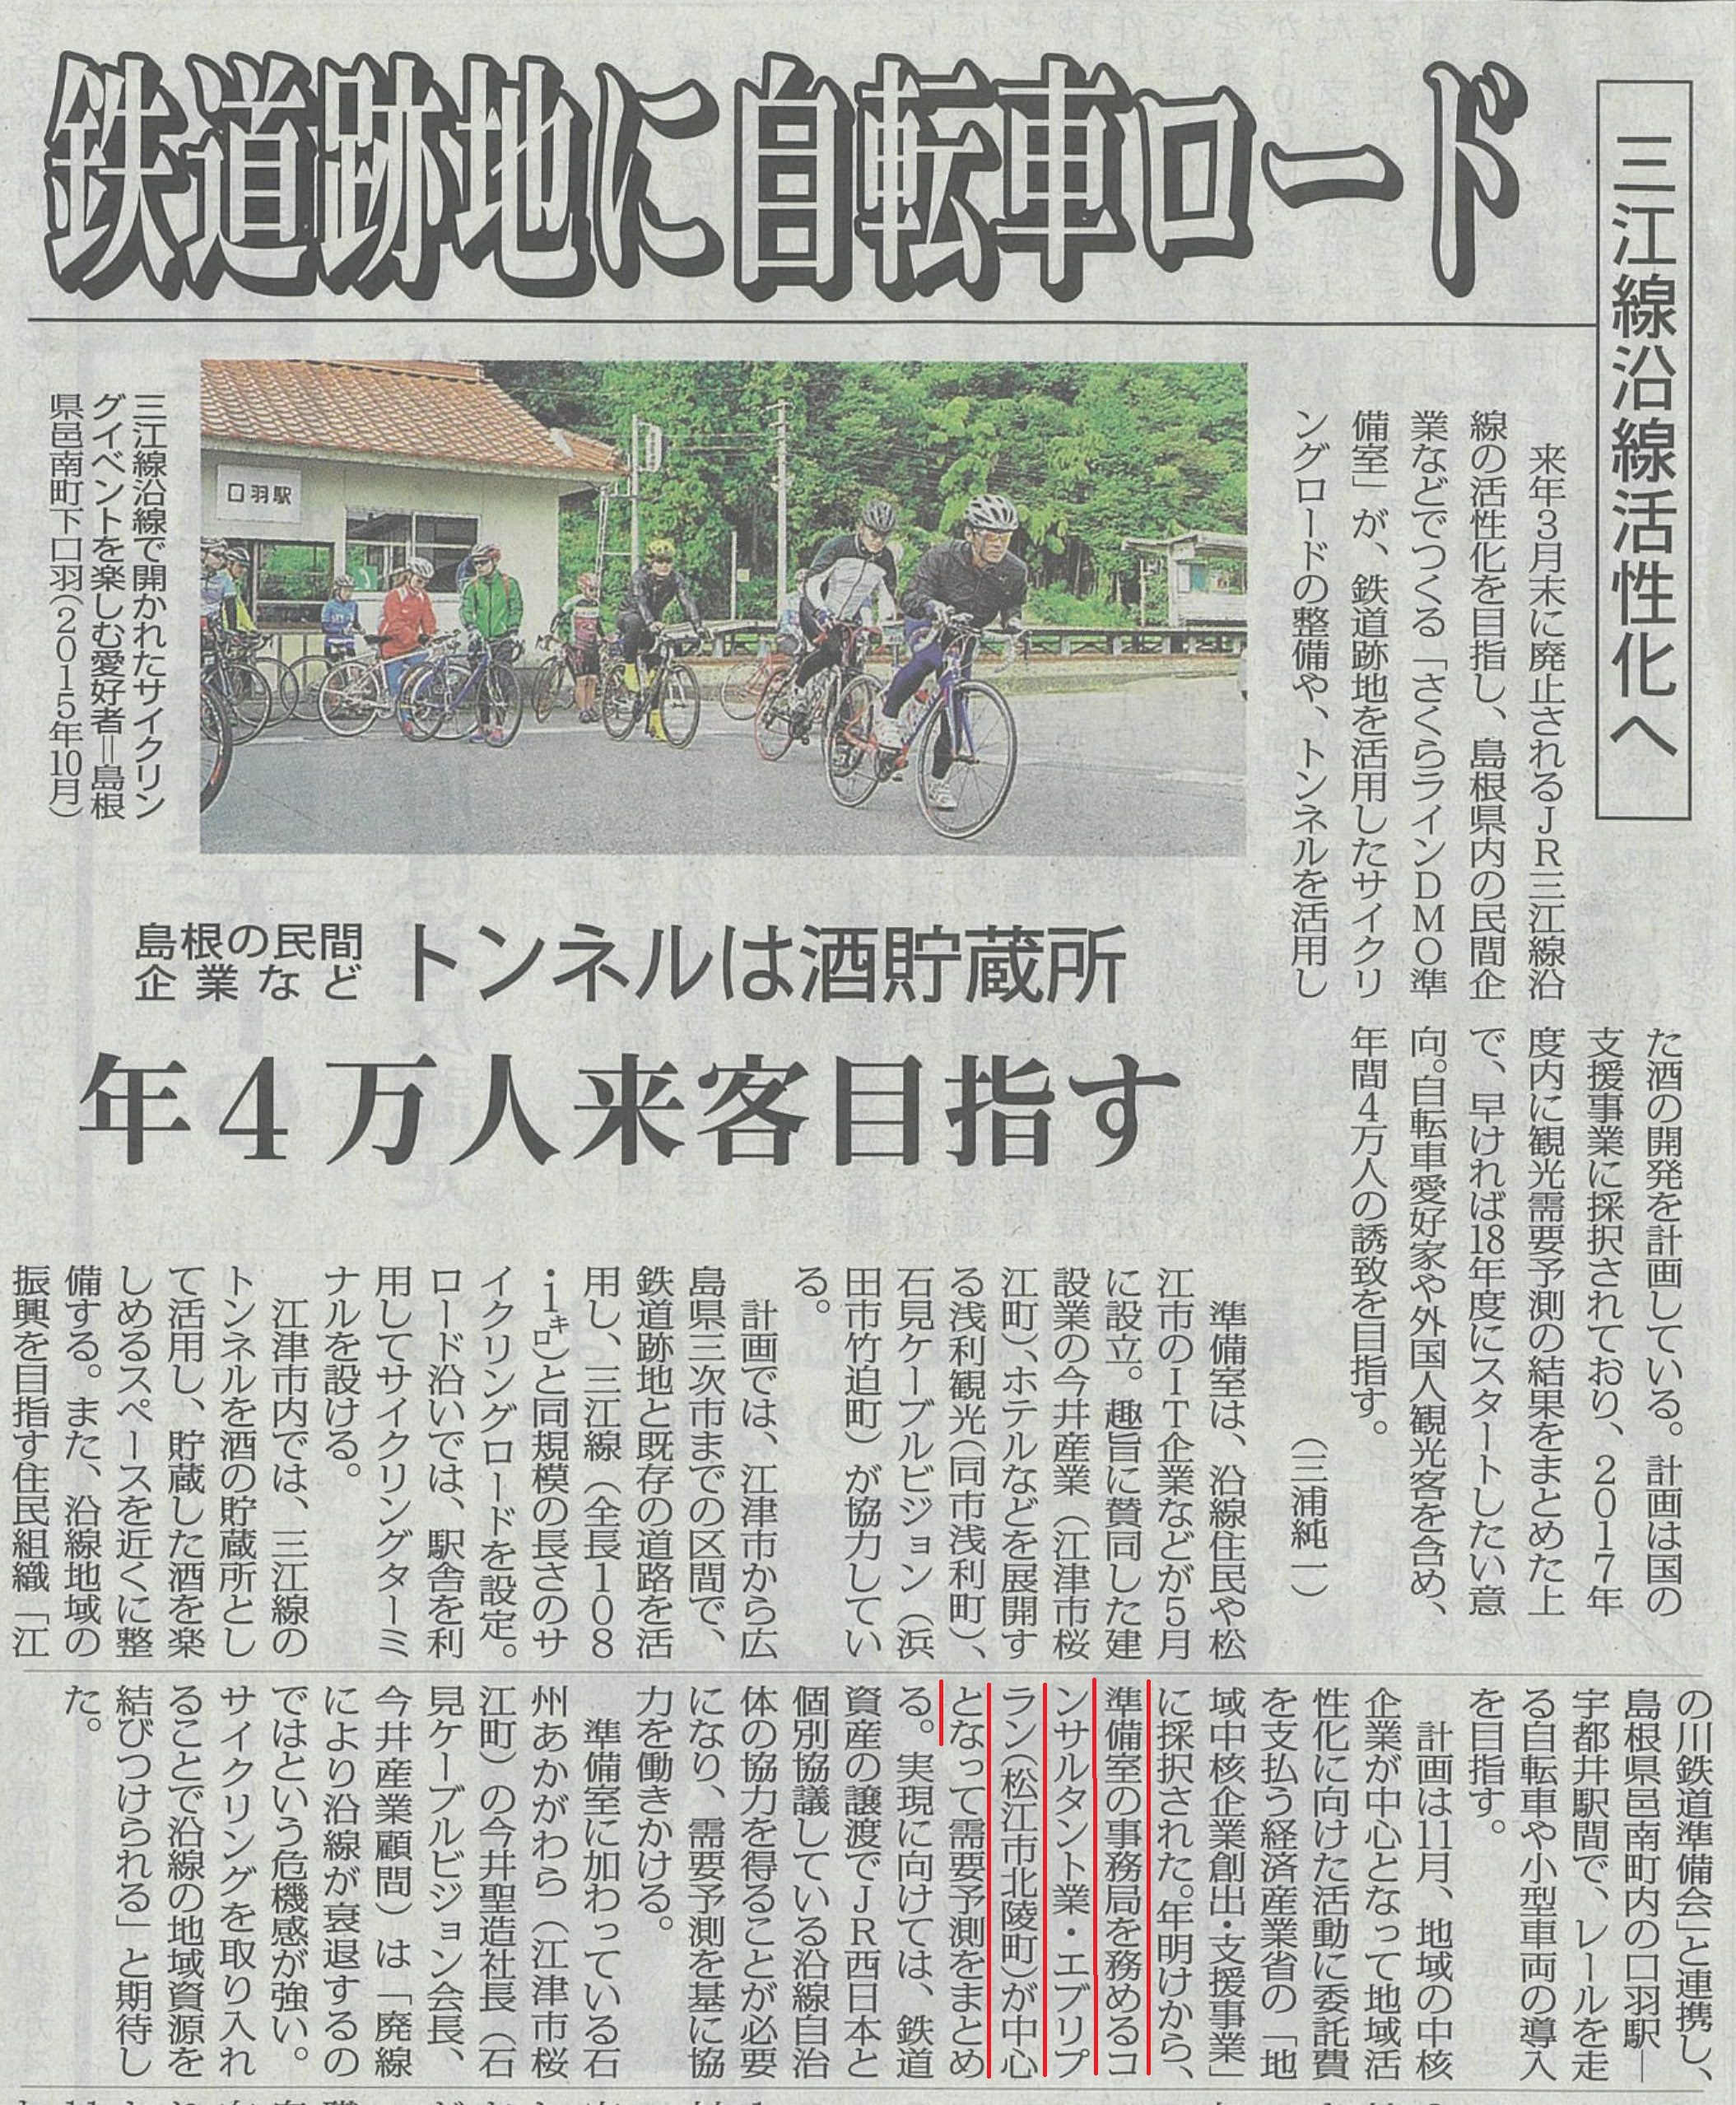 鉄道跡地に自転車ロード171229.jpg